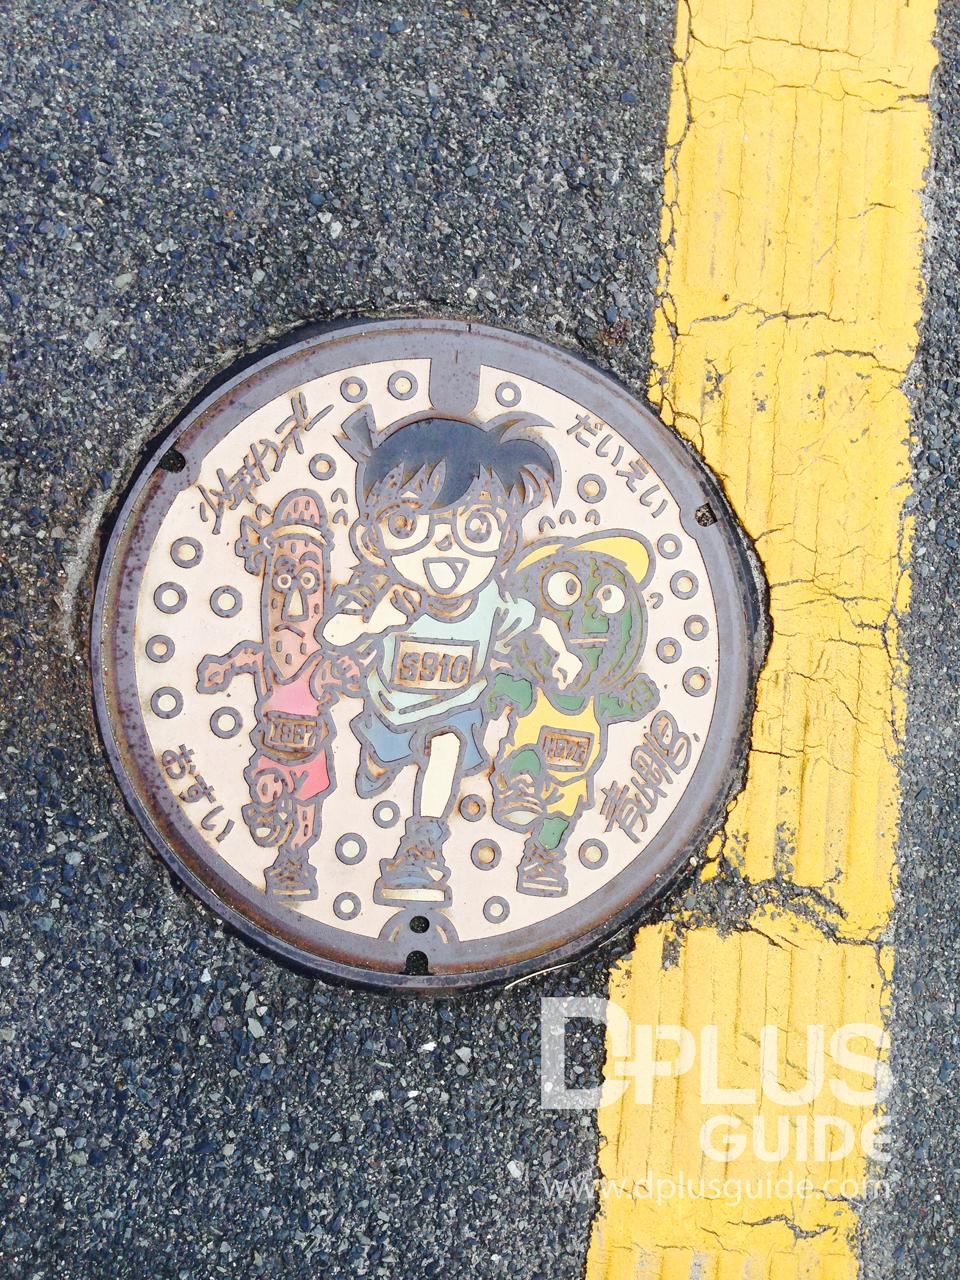 ฝาท่อโคนันคุง จากเมืองโฮคุเอย์ จังหวัดทตโตริ เป็นเมืองเกิดของอาจารย์โกะโช ผู้ให้กำเนิดการ์ตูนโคนัน